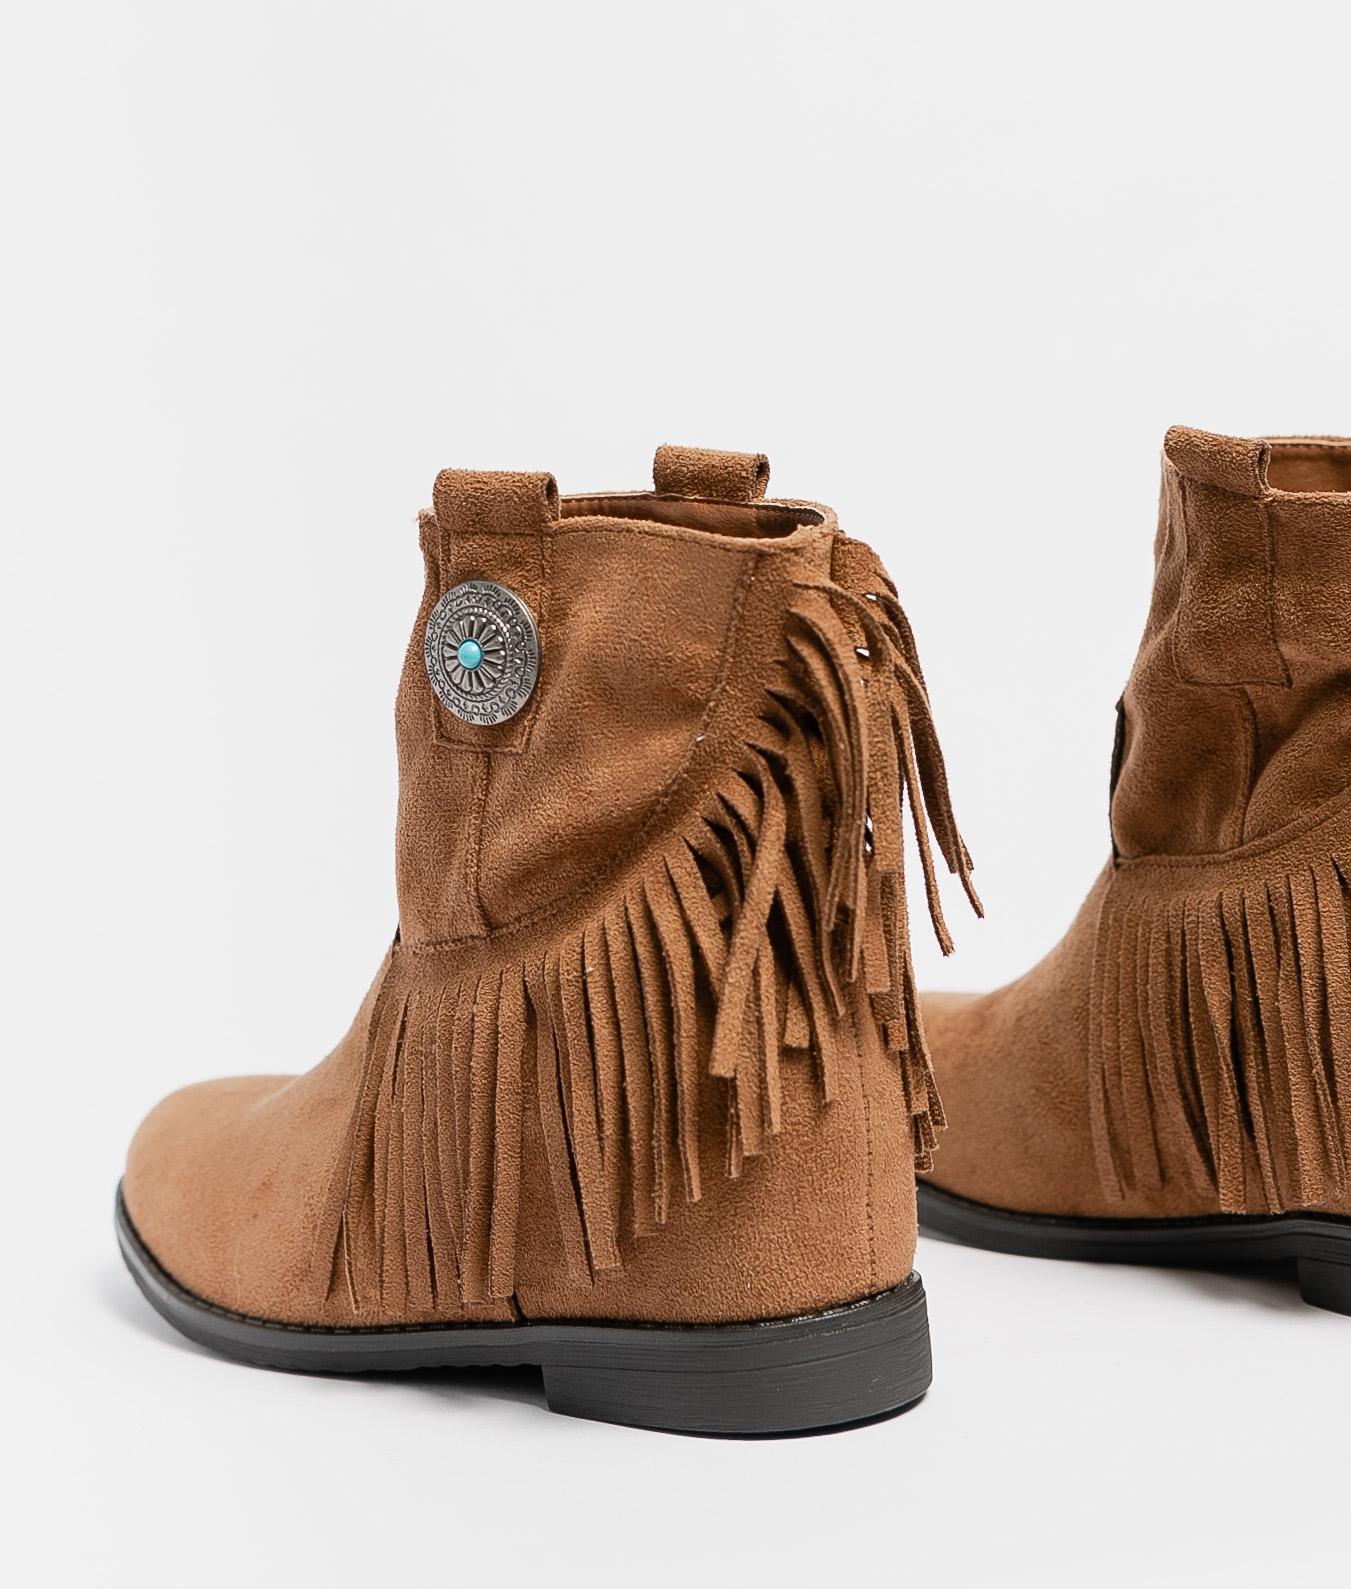 Bota Baja Sarina - Camel